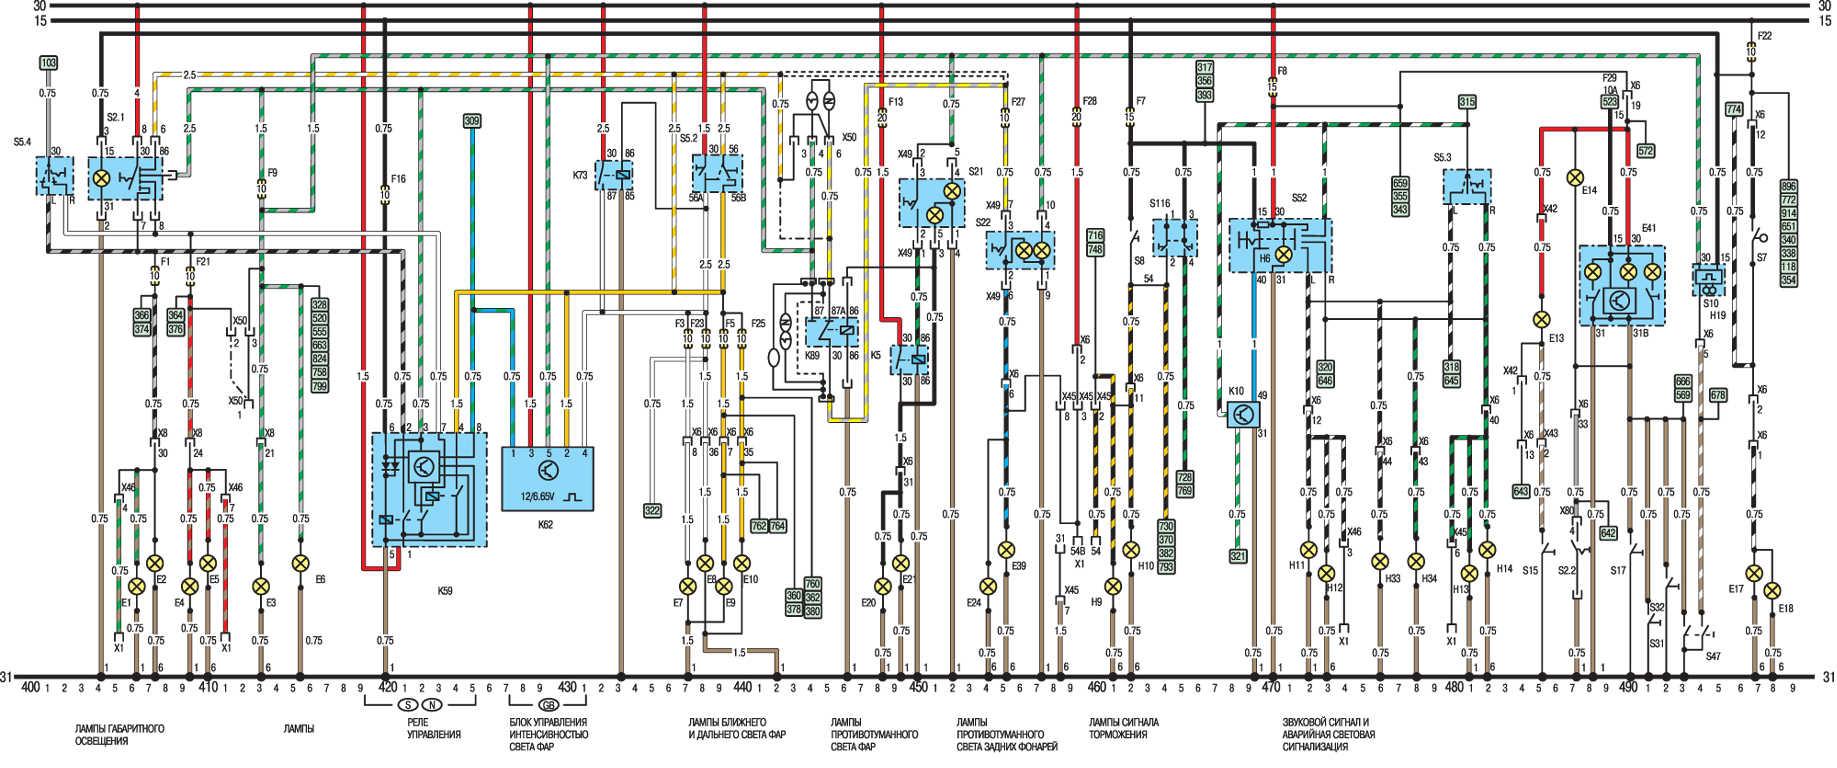 peugeot 306 1998 дизель схема электрики